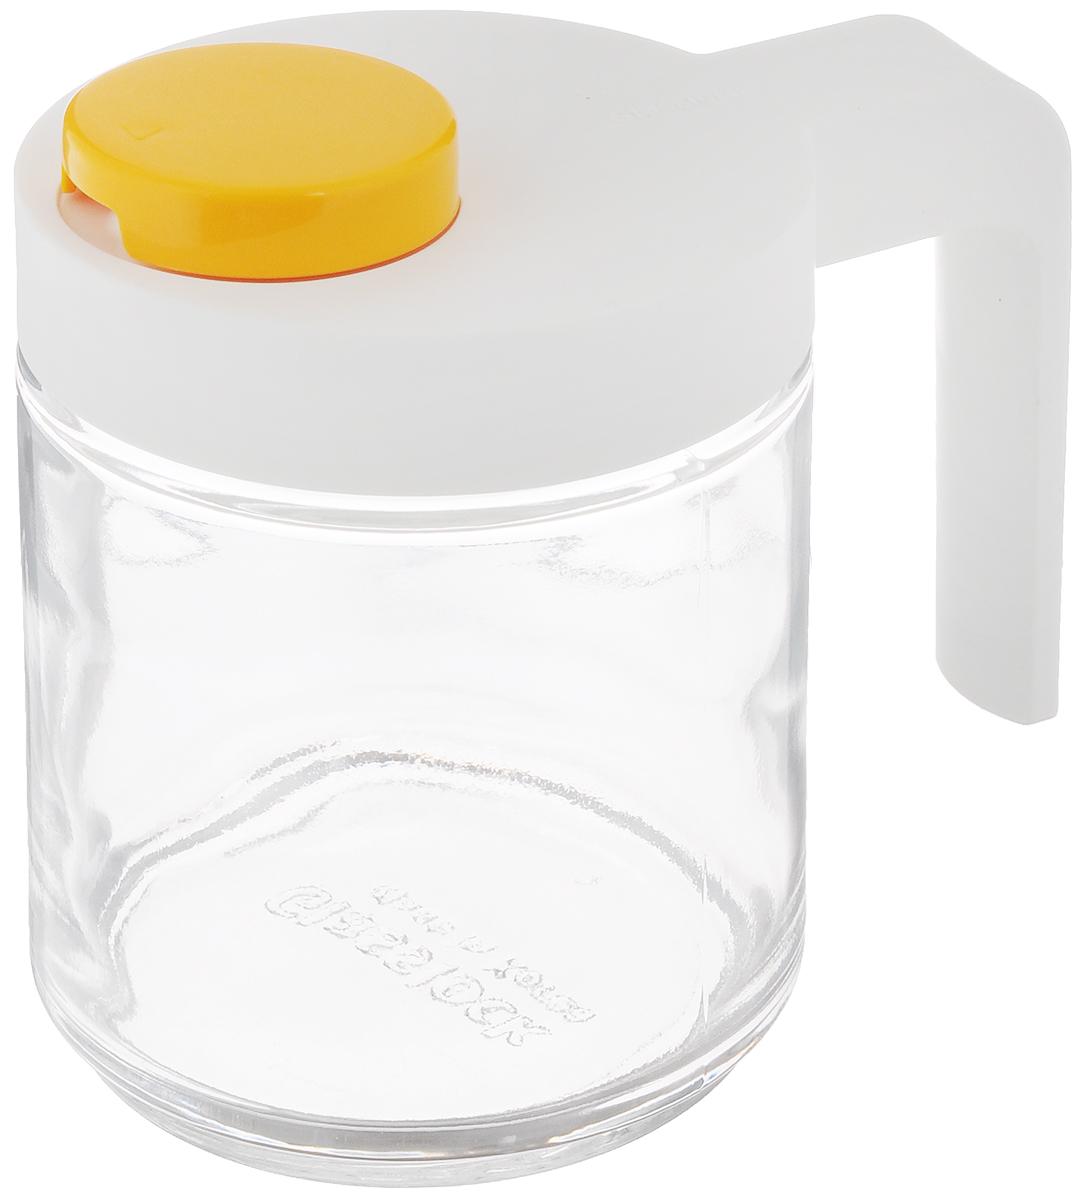 Контейнер для масла Glasslock, 400 млIP-607SКонтейнер Glasslock, выполненный из кварцевого стекла, предназначен для хранения масла и соусов. Кварцевое стекло не окрашивается, не впитывает запахи и остатки продуктов, не тускнеет со временем даже при длительном хранении продуктов, и всегда остается идеально прозрачным. Изделие имеет закручивающуюся крышку-слайдер, обеспечивающую максимум гигиеничности и удобства. Крышка оснащена специальным носиком для предотвращения проливания жидкостей и эргономичной ручкой. Носик удобен для выливания жидкости и циркуляции воздуха. Форма контейнера идеально подходит для хранения в дверце холодильника или в морозильной камере. Можно мыть в посудомоечной машине и хранить в холодильнике. Запрещено использование в СВЧ и духовых печах. Диаметр по верхнему краю: 7,5 см. Диаметр основания: 7,5 см. Высота (с учетом крышки): 11,5 см. Ширина (с учетом ручки): 12 см.